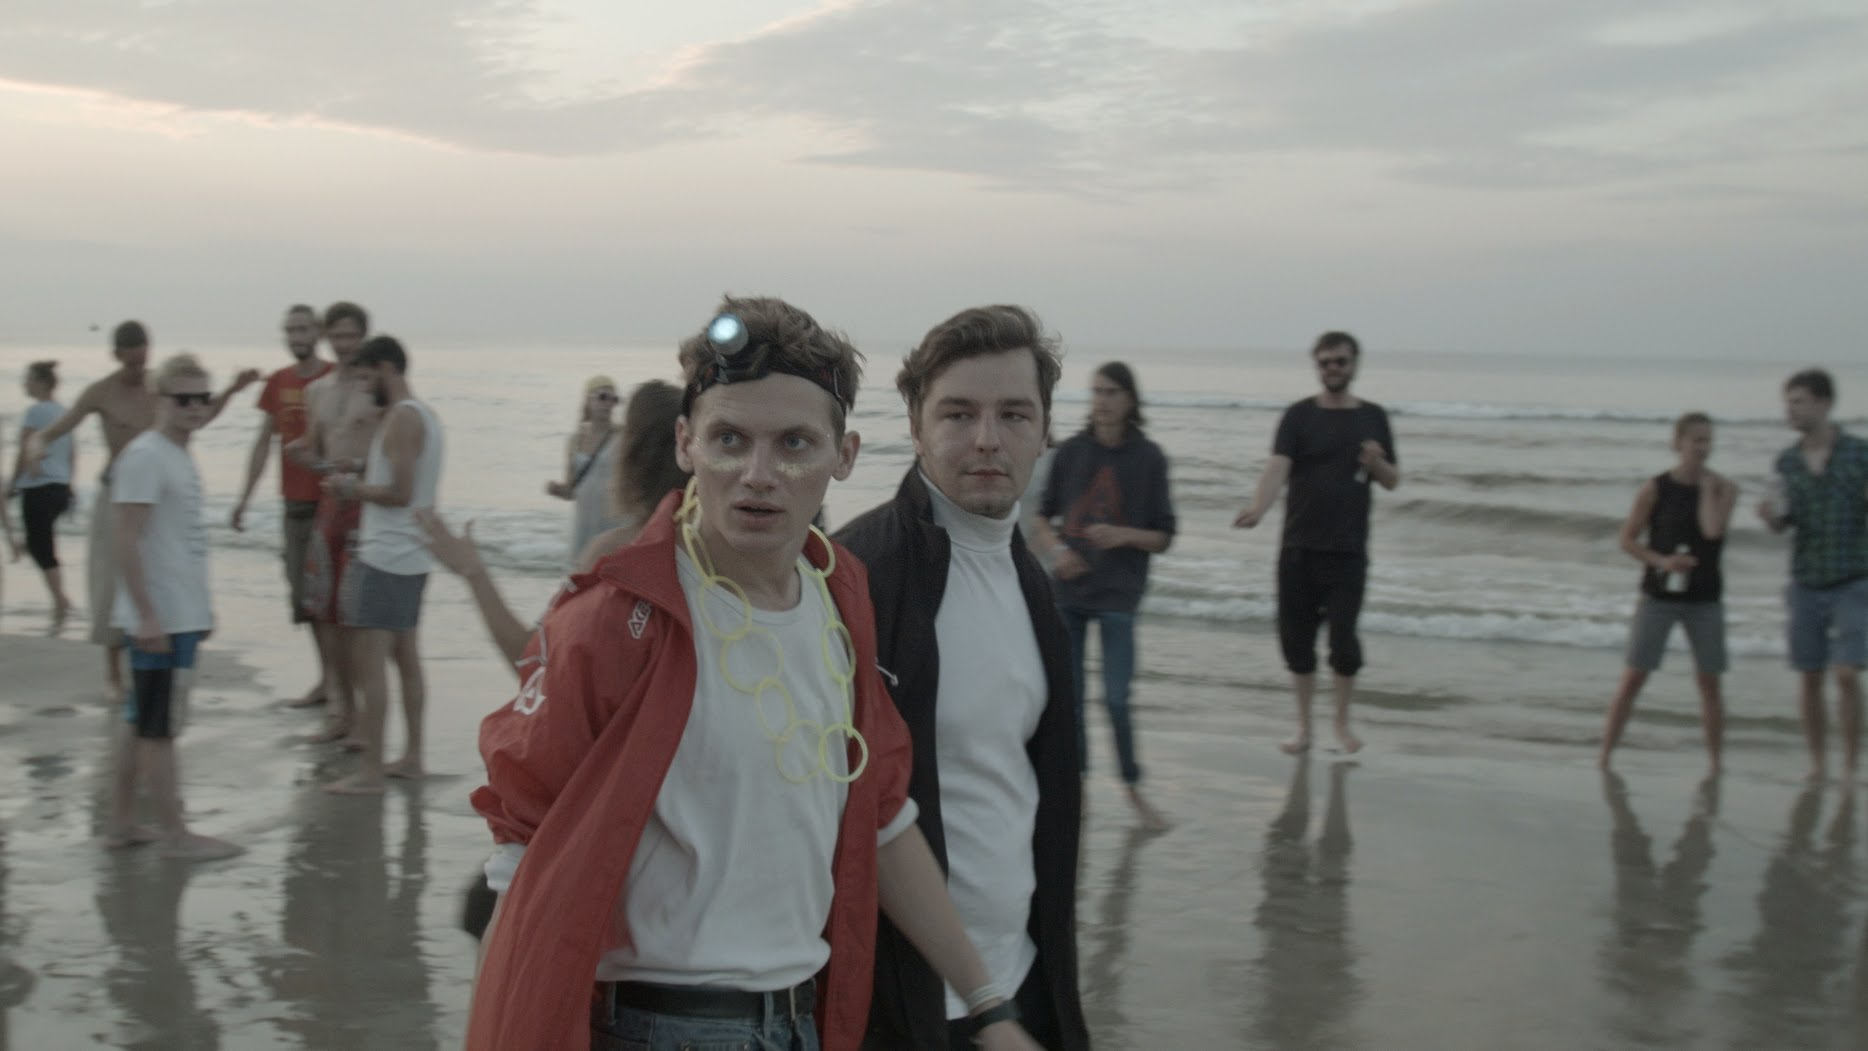 Dwójka młodych ludzi idzie przez plażę nad wczesnym ranem podczas imprezy.